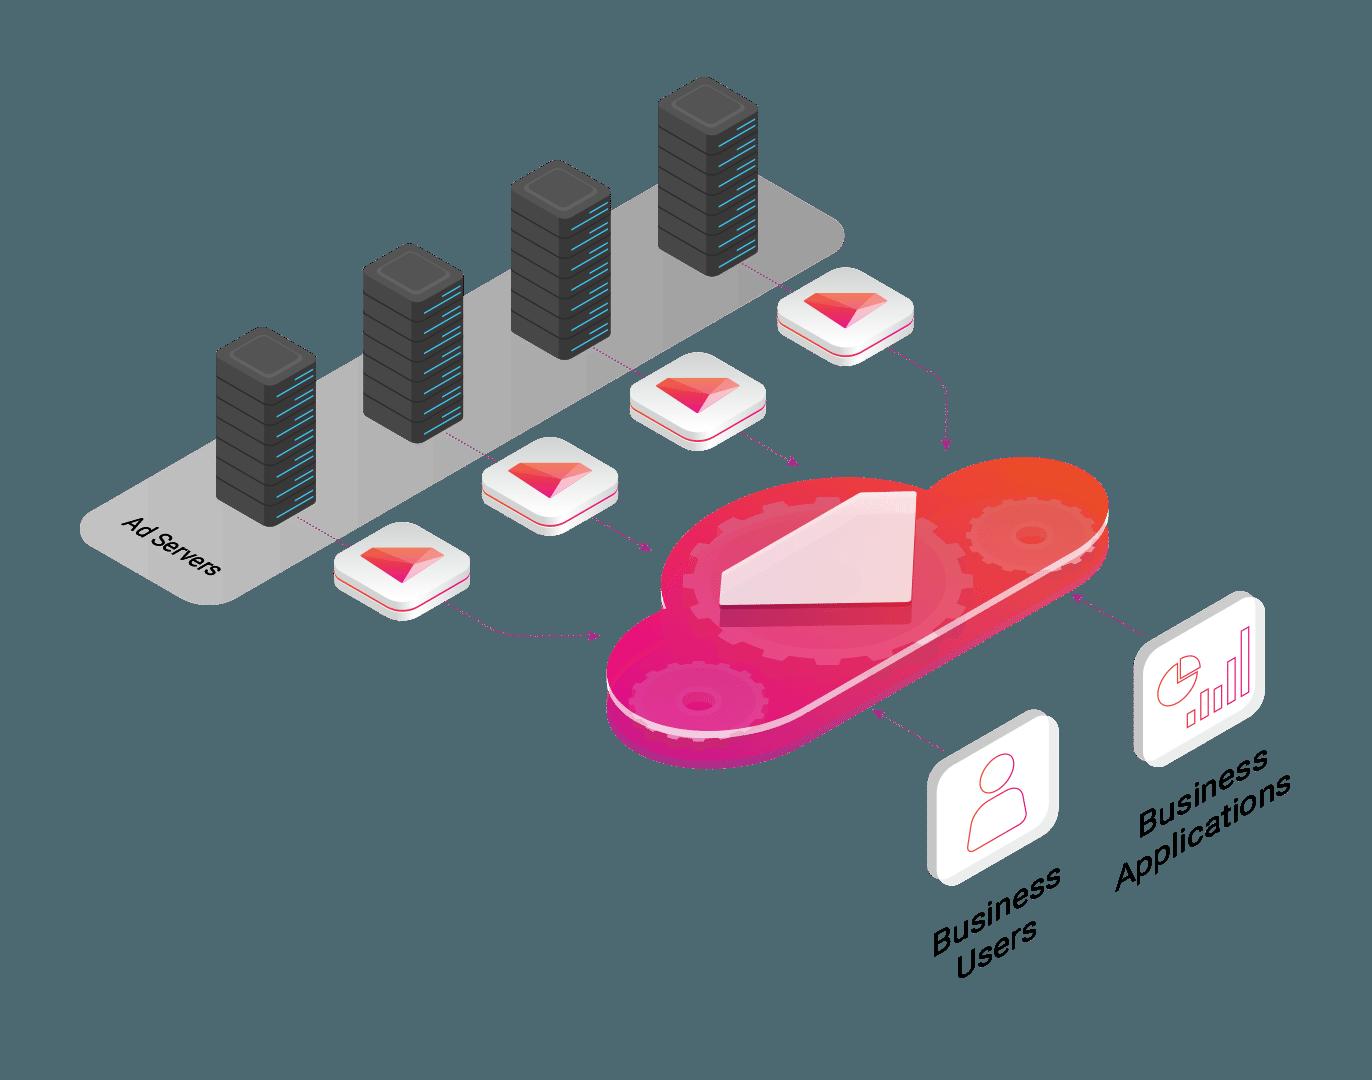 MobFox's New Analytics Architecture With Treasure Data